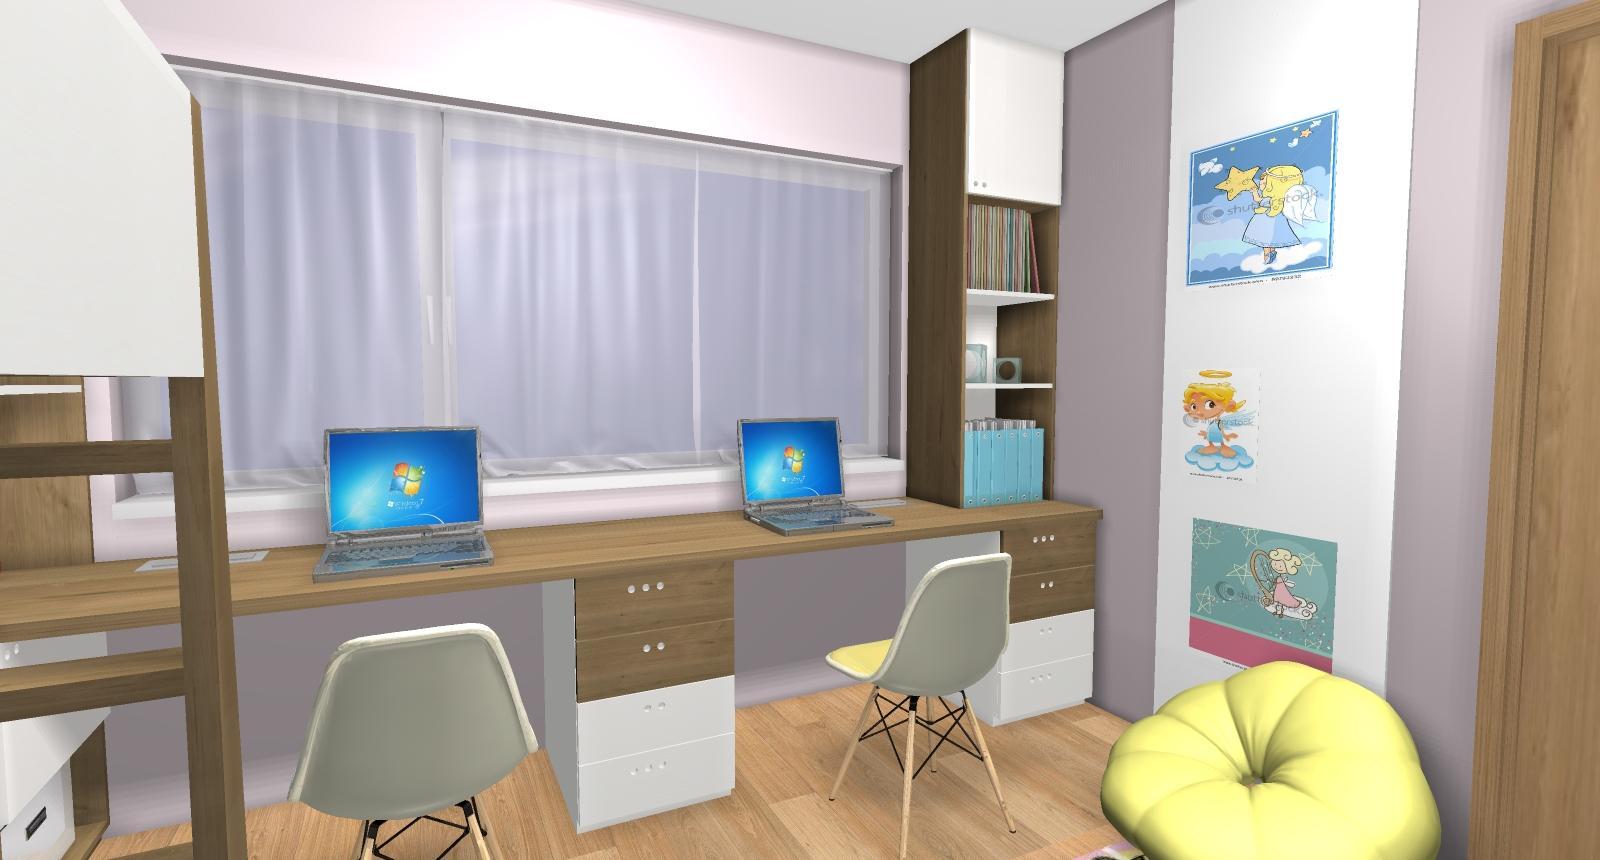 Grafické návrhy interiér 2019 - Grafický návrh detskej izby pre dve dievčatká - verzia 2 - obr.9